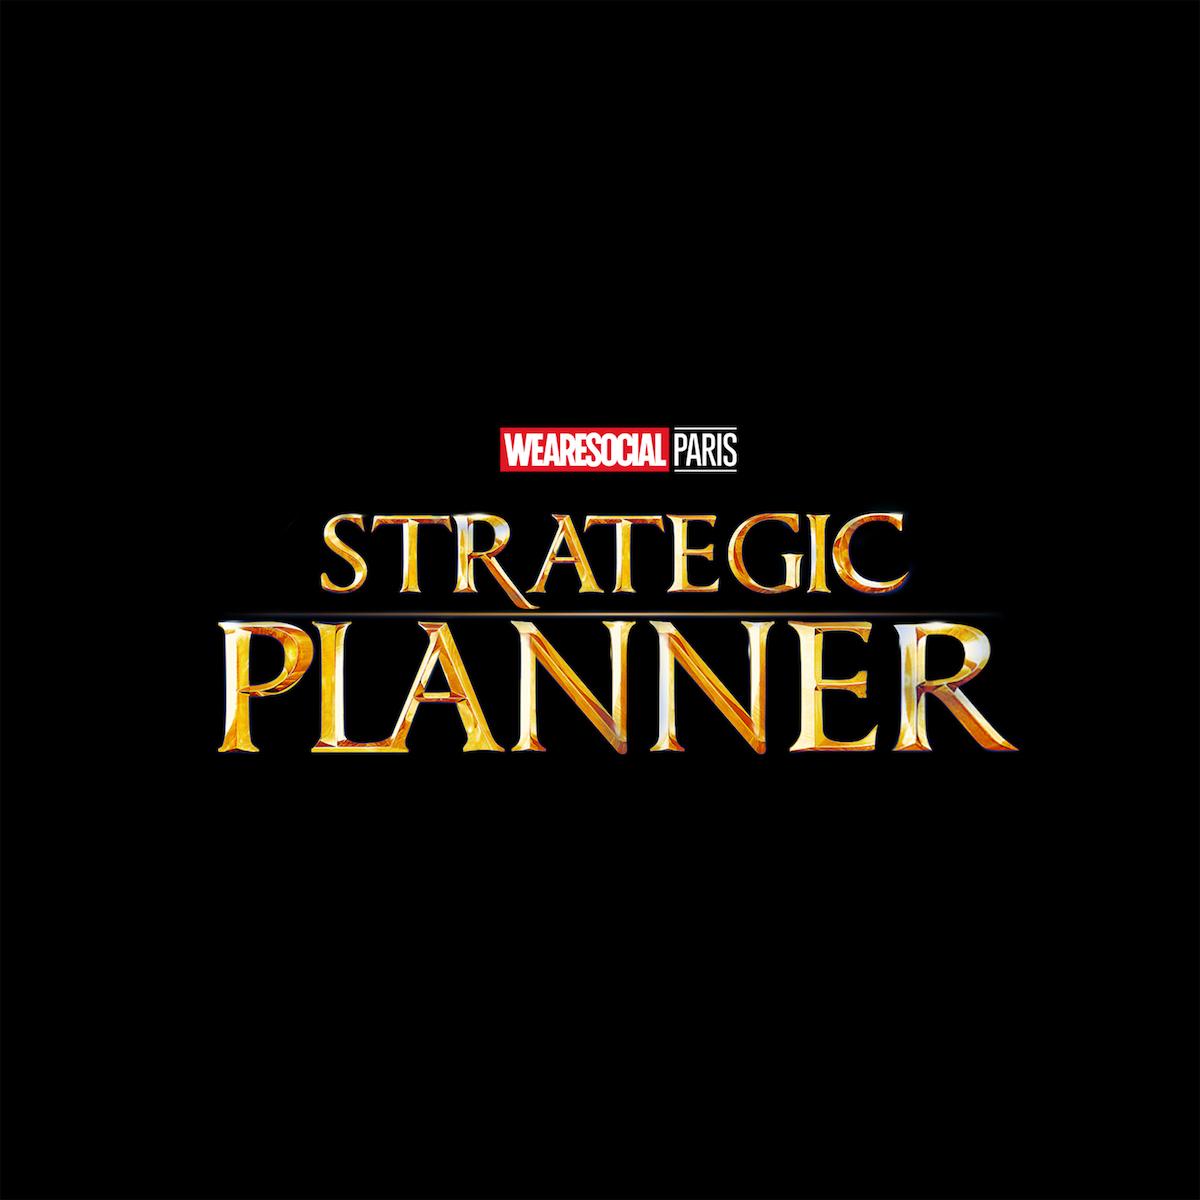 Superhero Logos for creative agency job titles - Strategic Planner / Doctor Strange